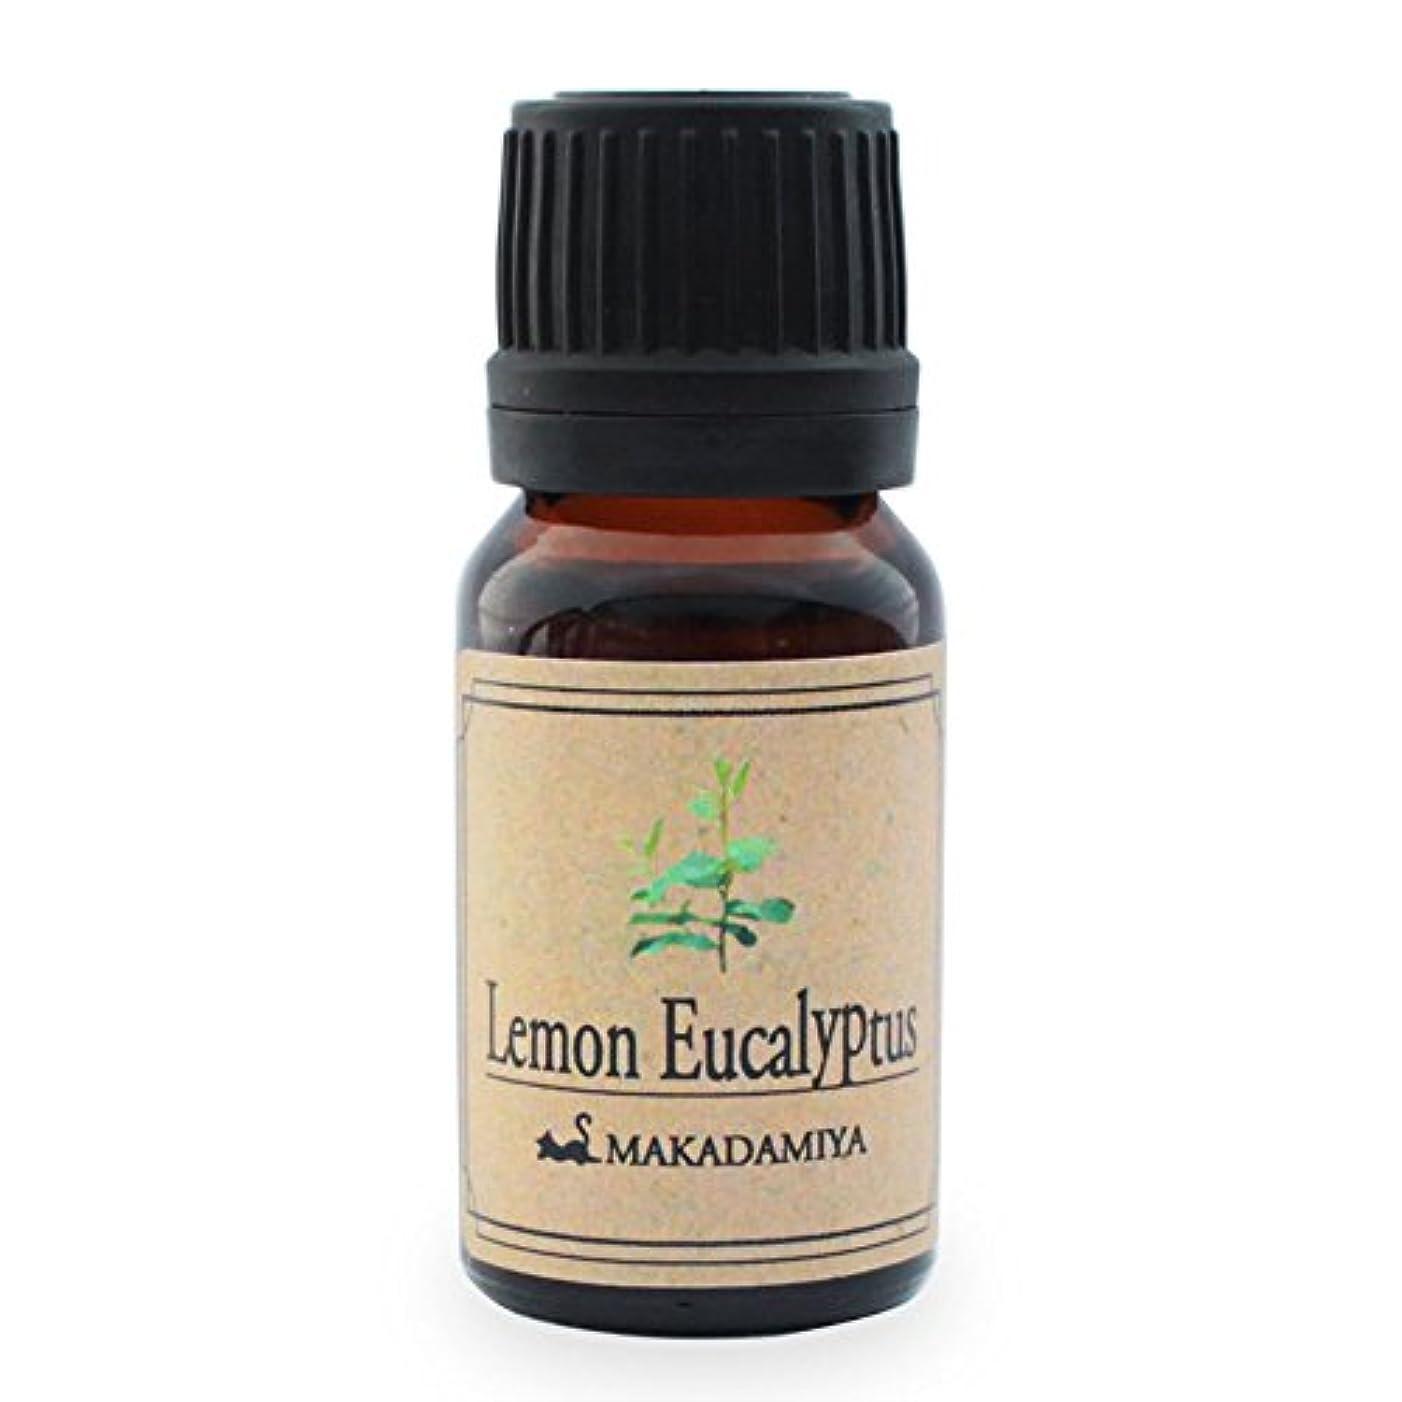 好みリッチ引用レモンユーカリ10ml 天然100%植物性 エッセンシャルオイル(精油) アロマオイル アロママッサージ aroma Eucalyptus Citriodora